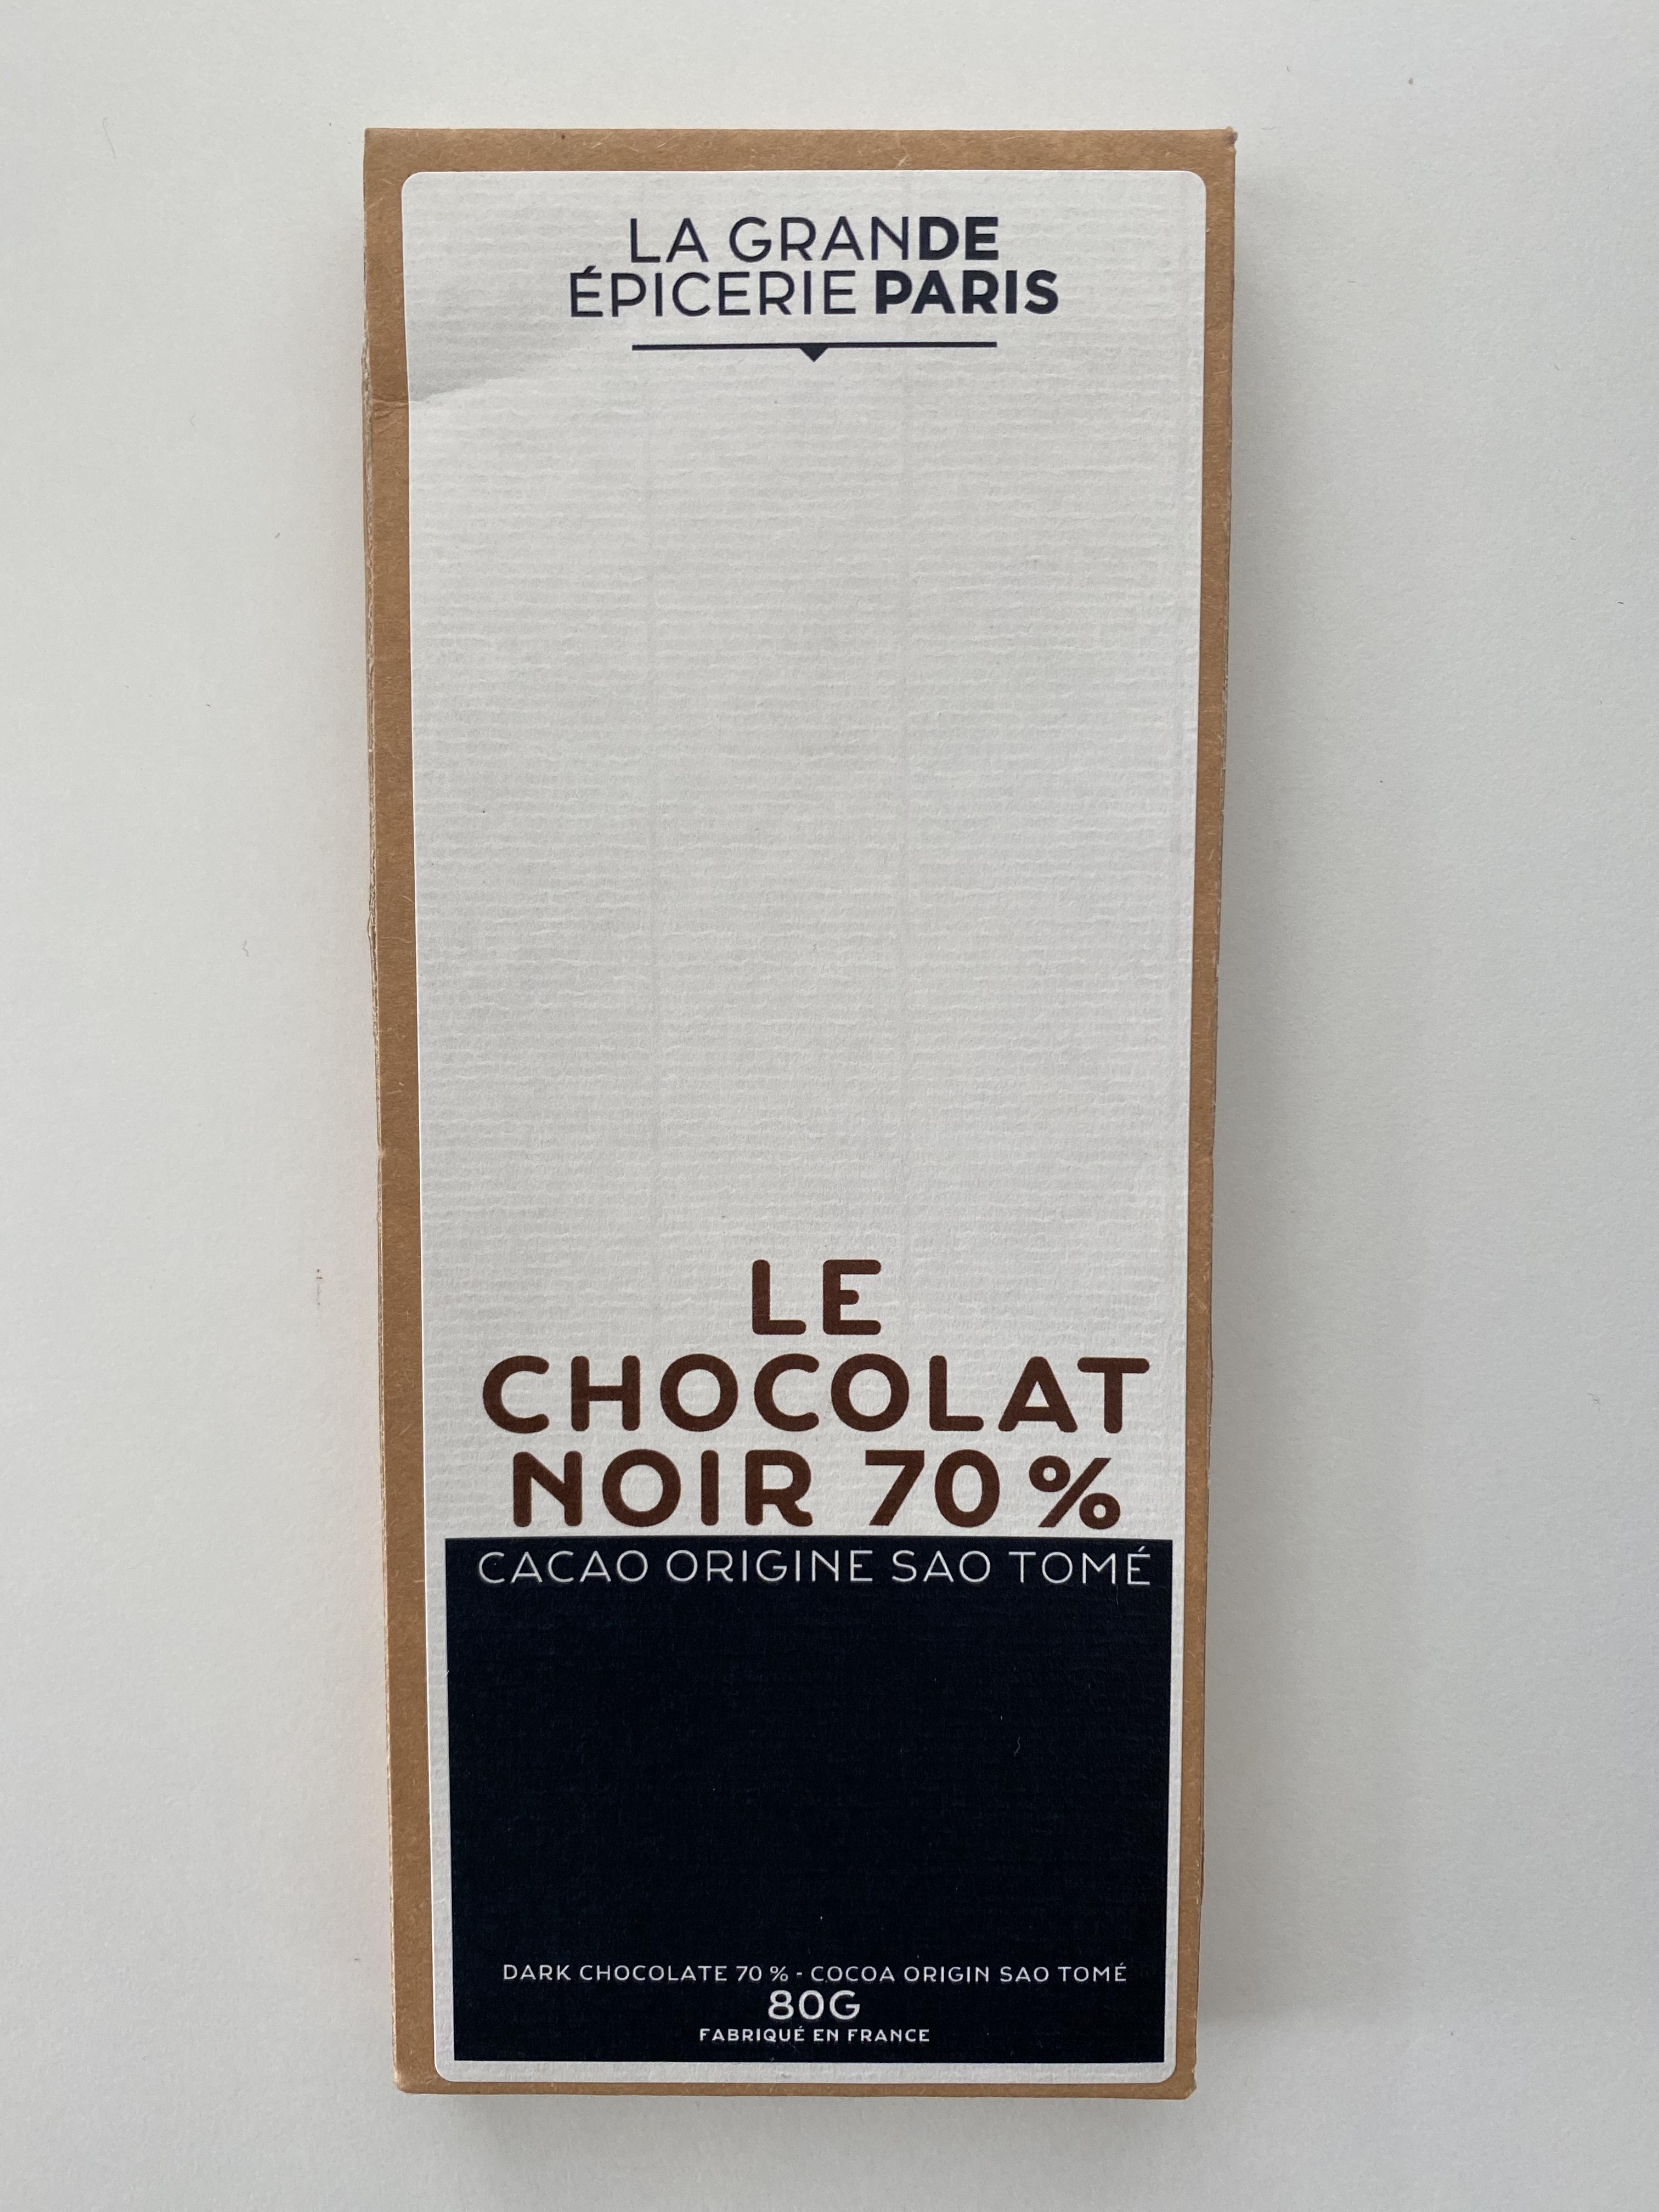 Tablette de chocolat noir 70% pure origine Sao Tomé, La Grande Epicerie de Paris (80 g)